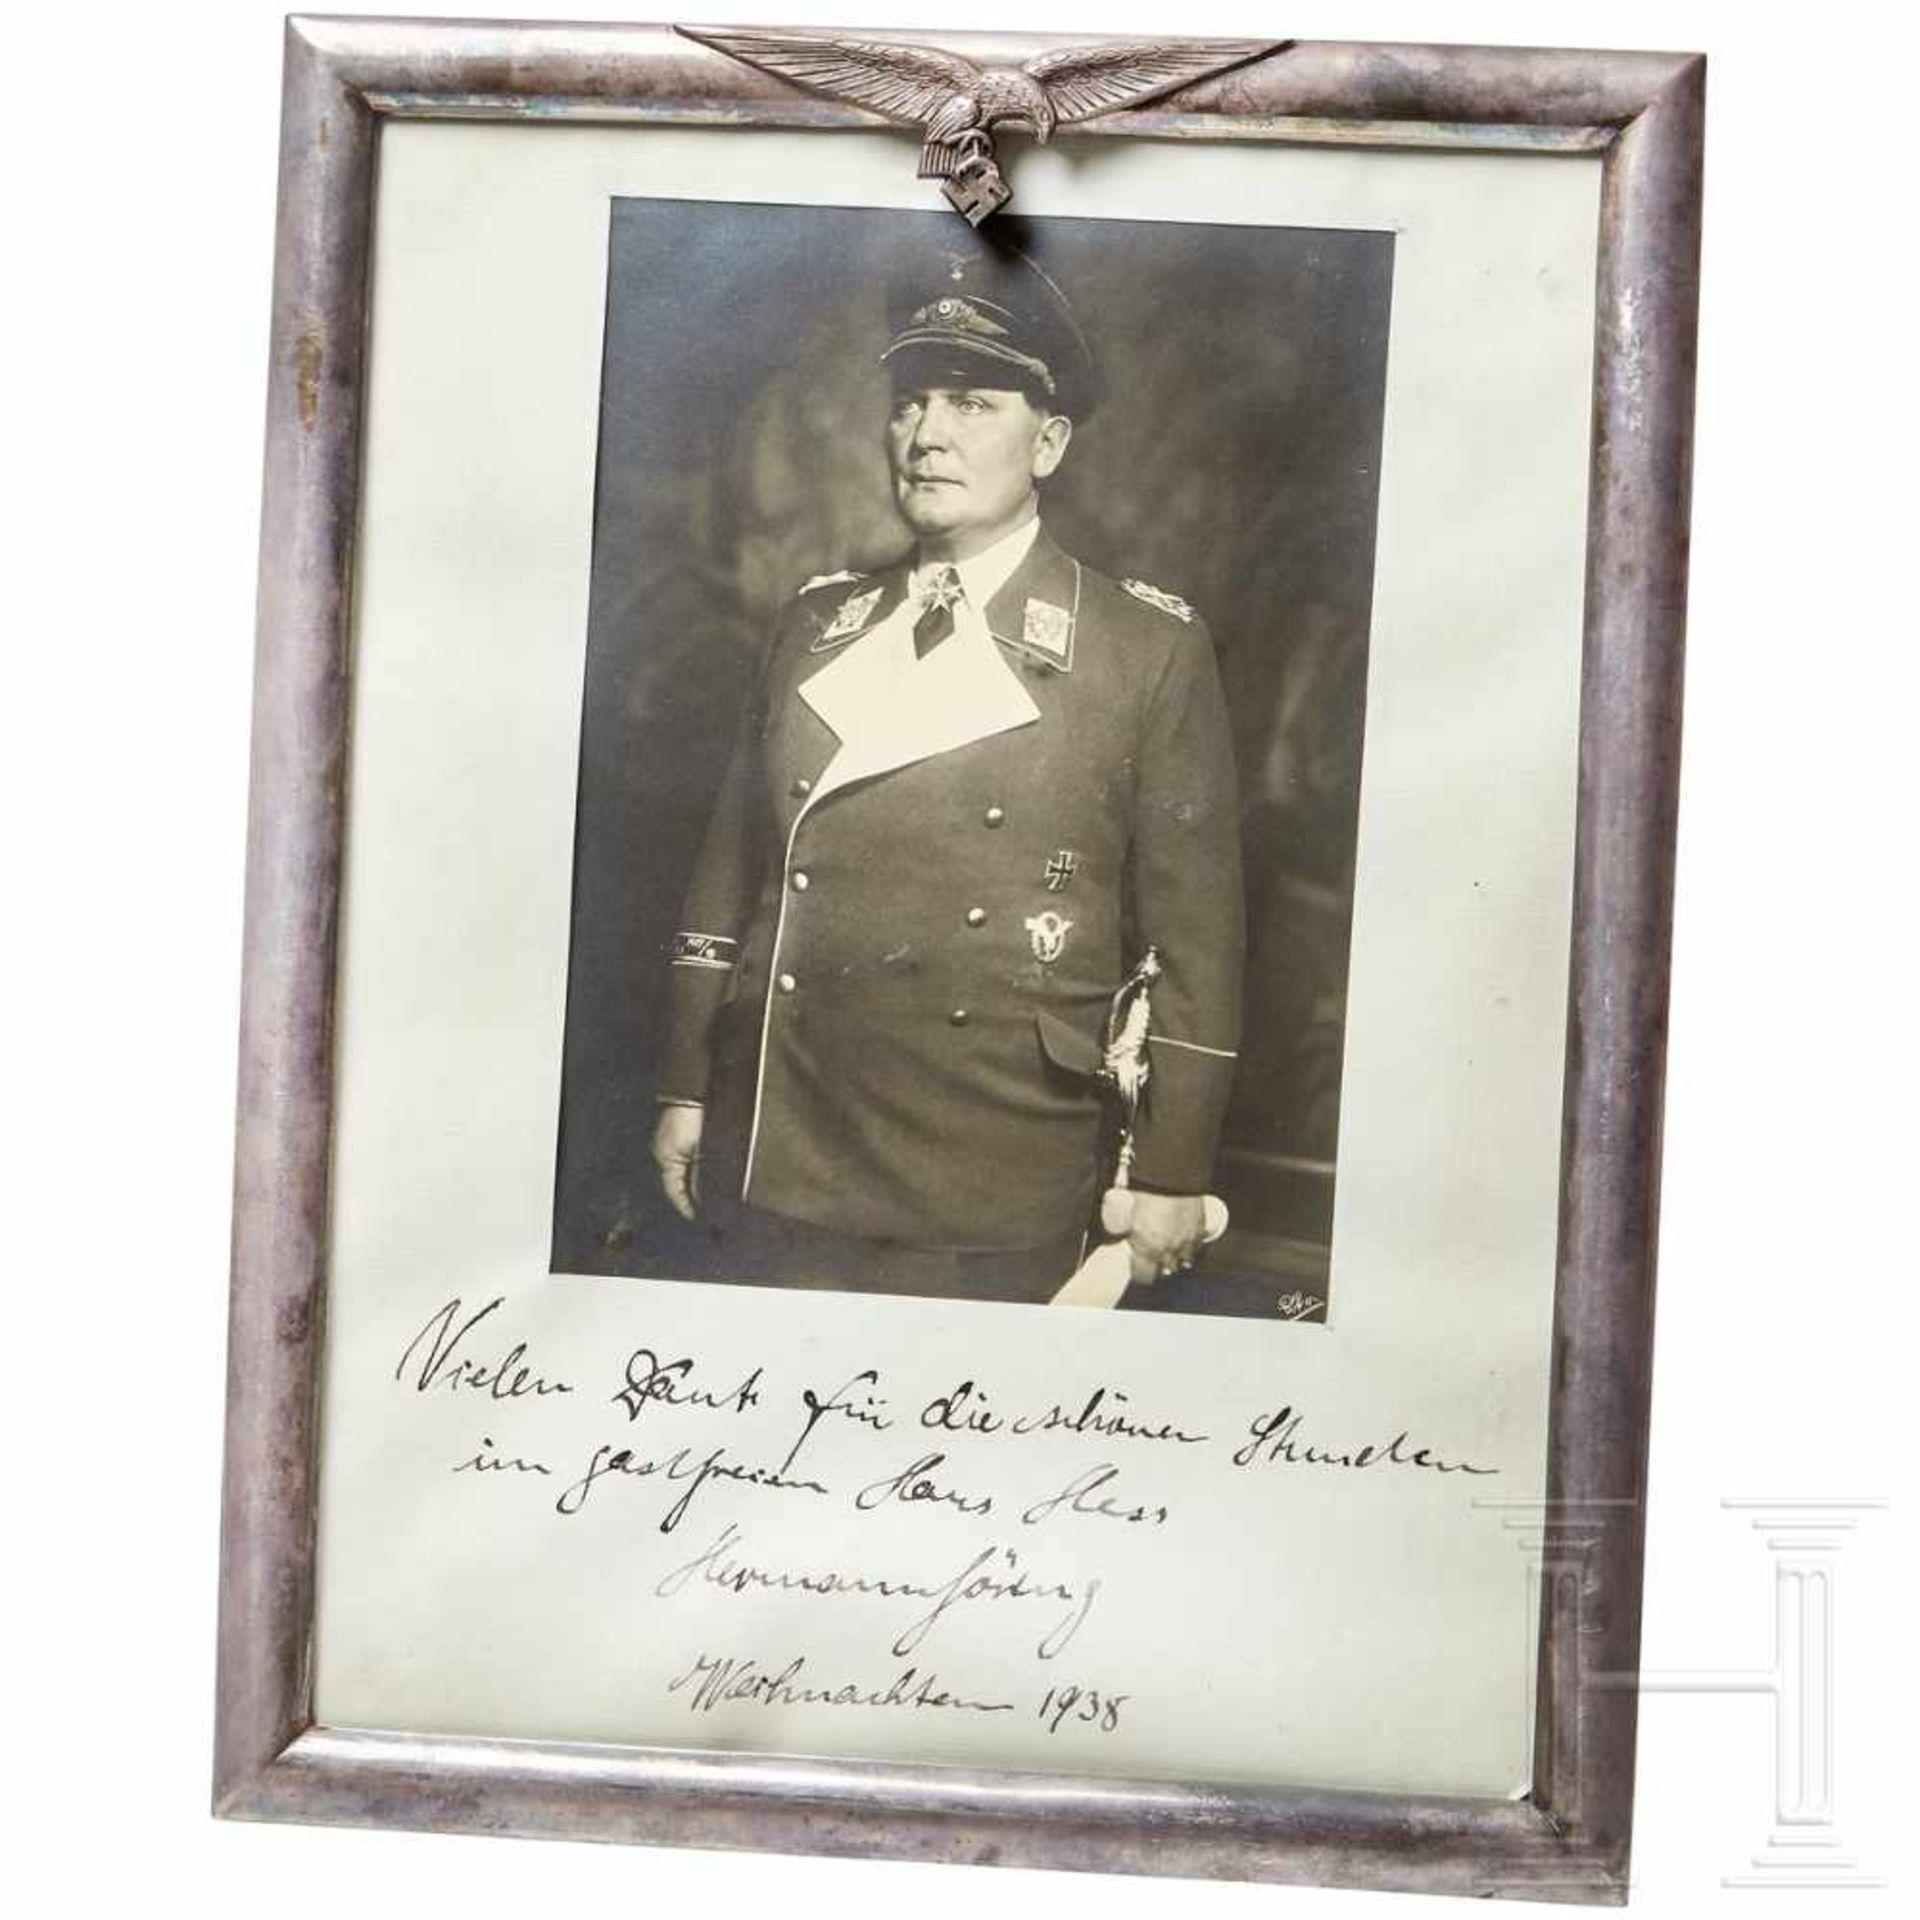 Los 6021 - Hermann Göring - a silver gift frame to Rudolf HessLarge-size portrait photo of Göring in uniform of